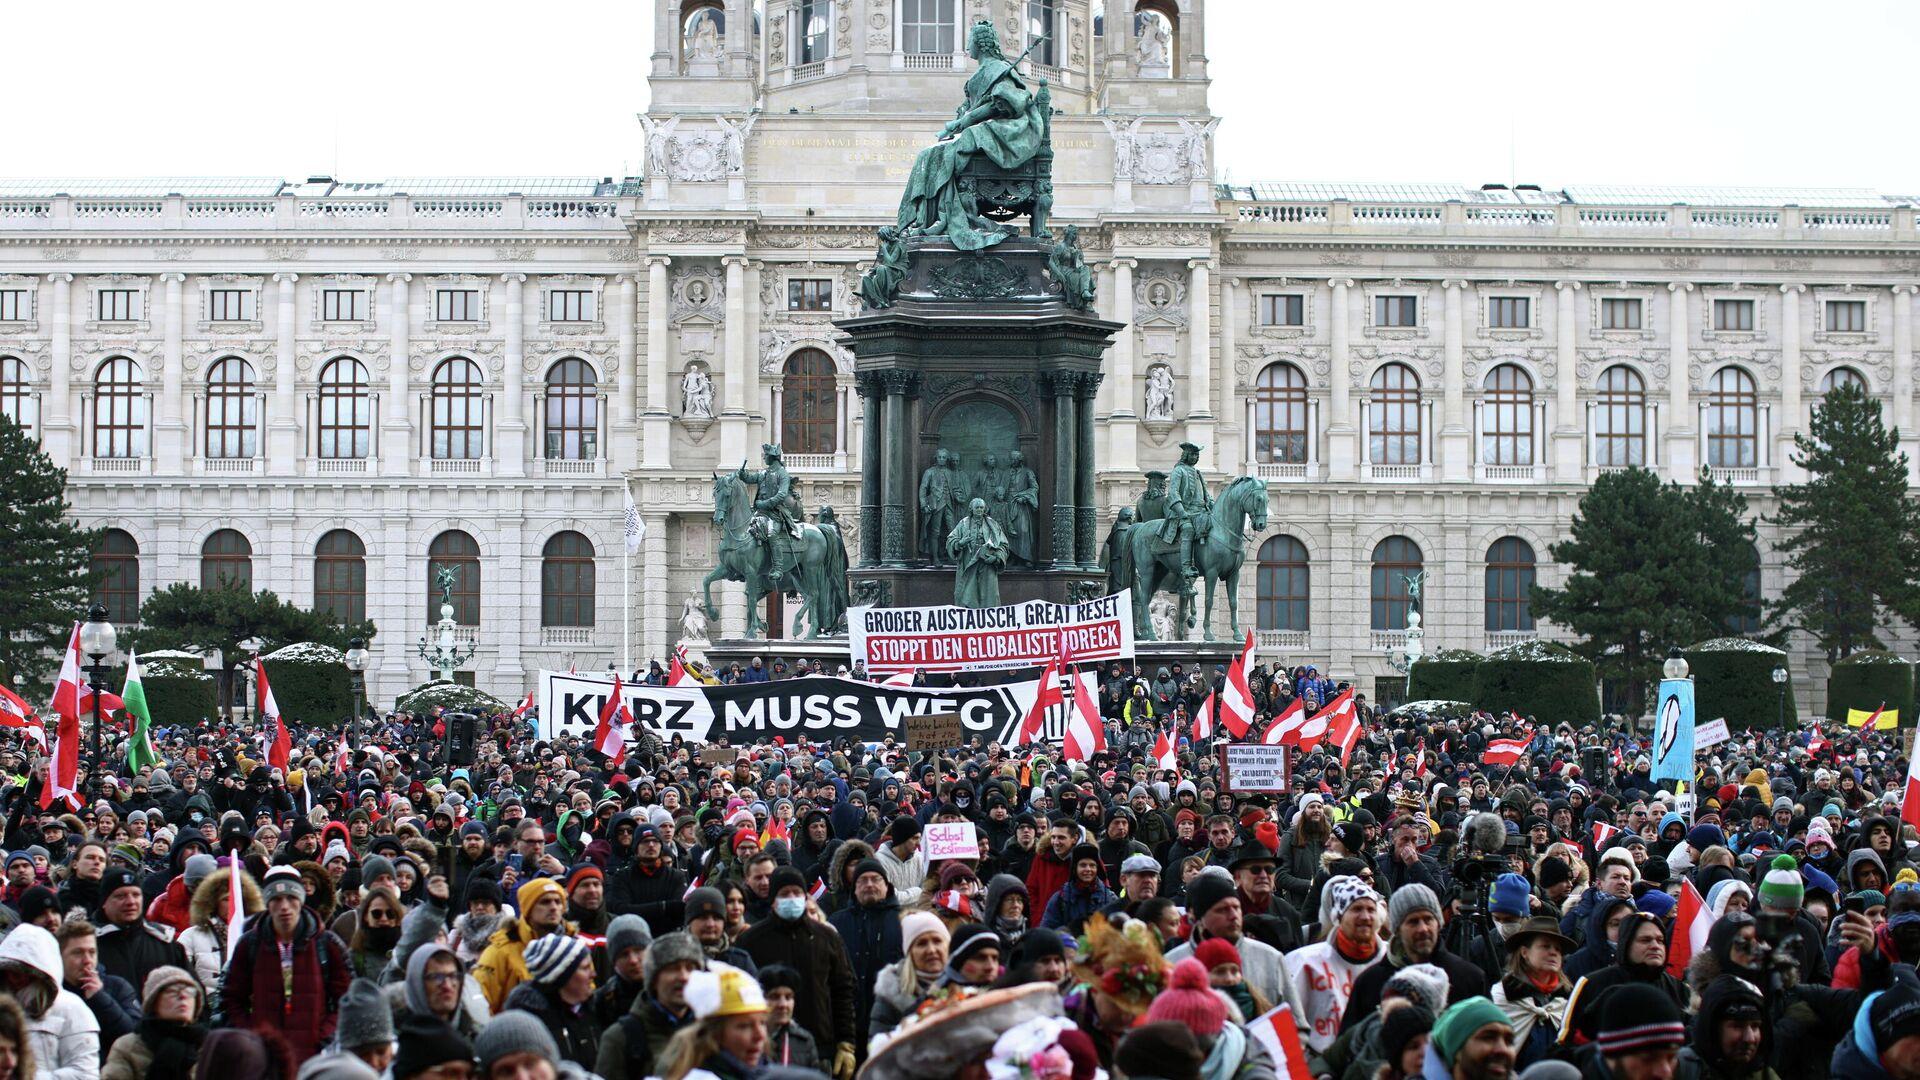 Las protestas contra las medidas por coronavirus en Viena, Austria - Sputnik Mundo, 1920, 13.02.2021